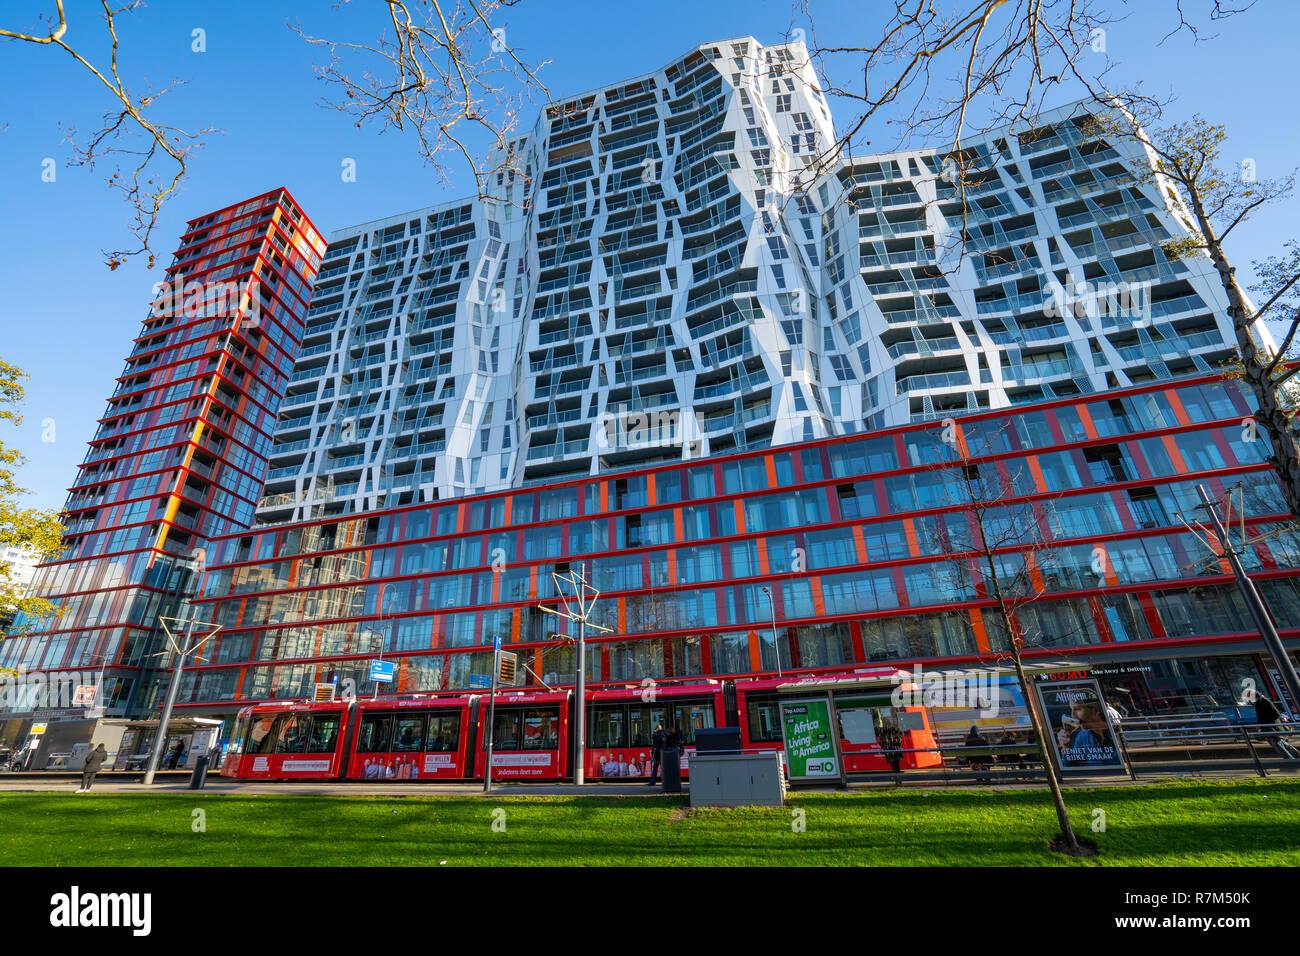 De nouveaux immeubles modernes Westersingel Calypso et Mauritsweg Rotterdam, Pays-Bas Photo Stock